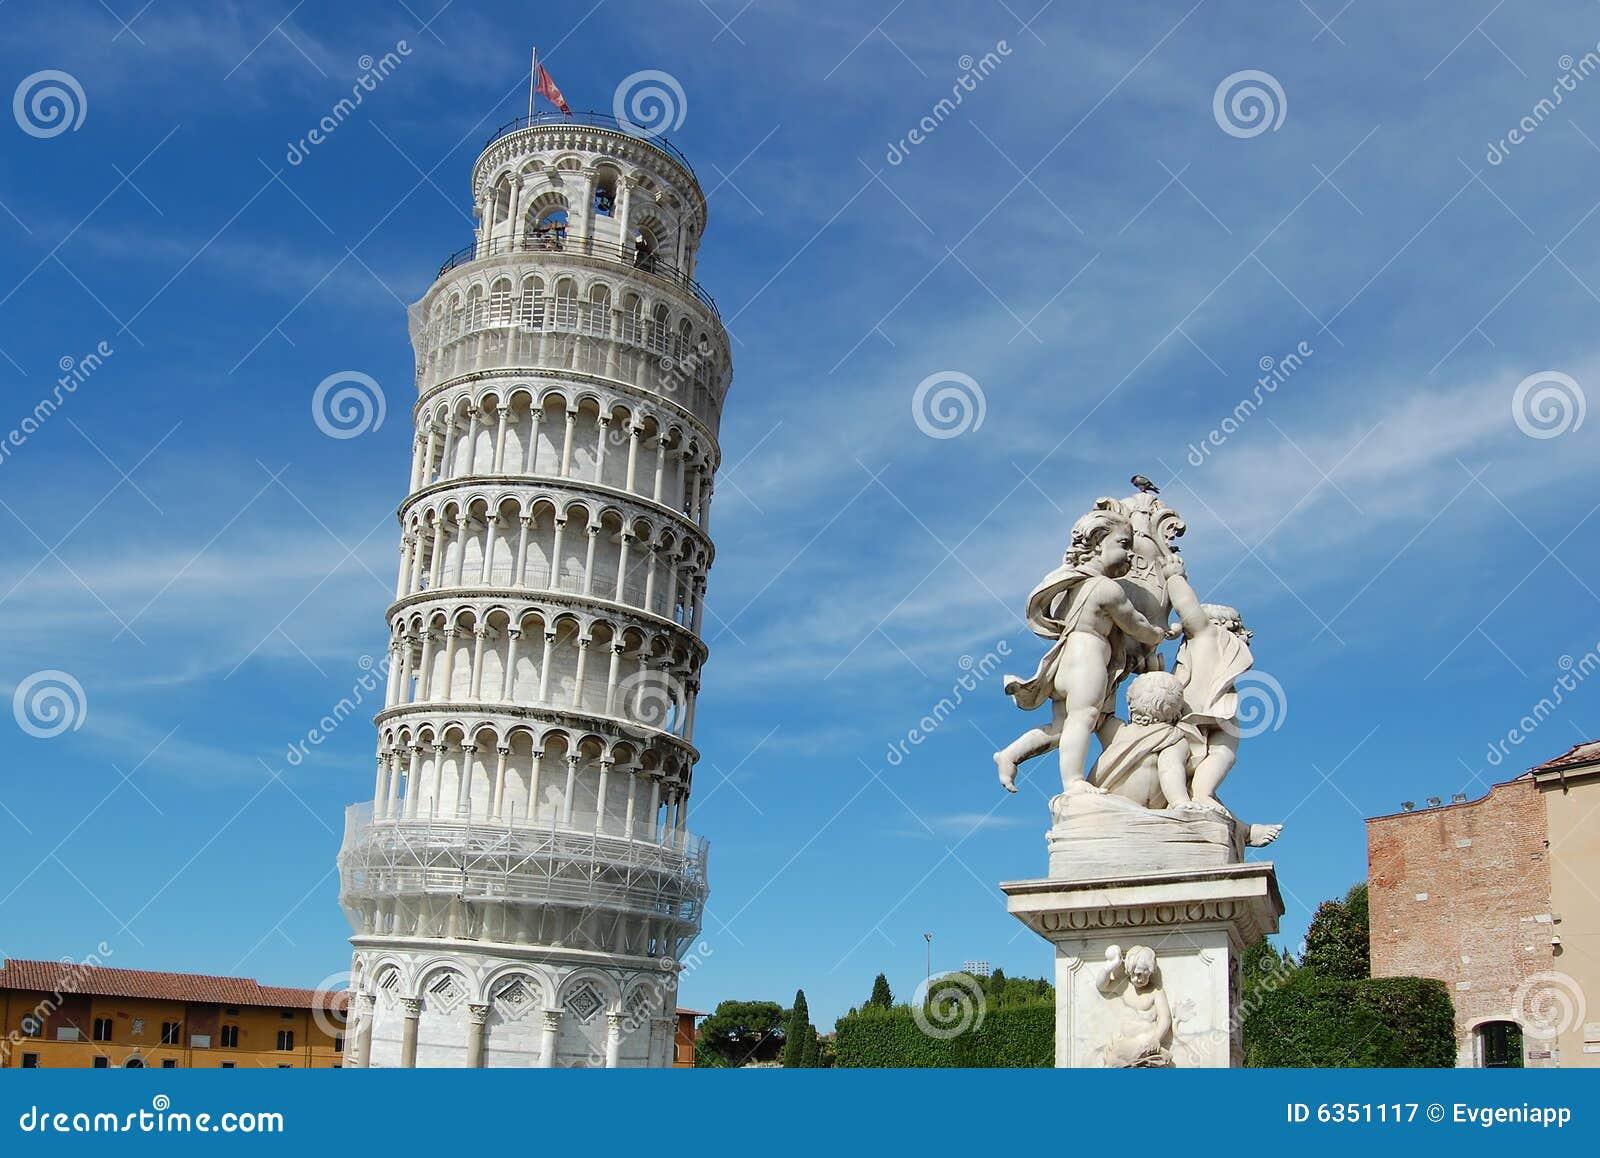 La torre inclinada y la escultura famosas de ngeles for Arquitecturas famosas